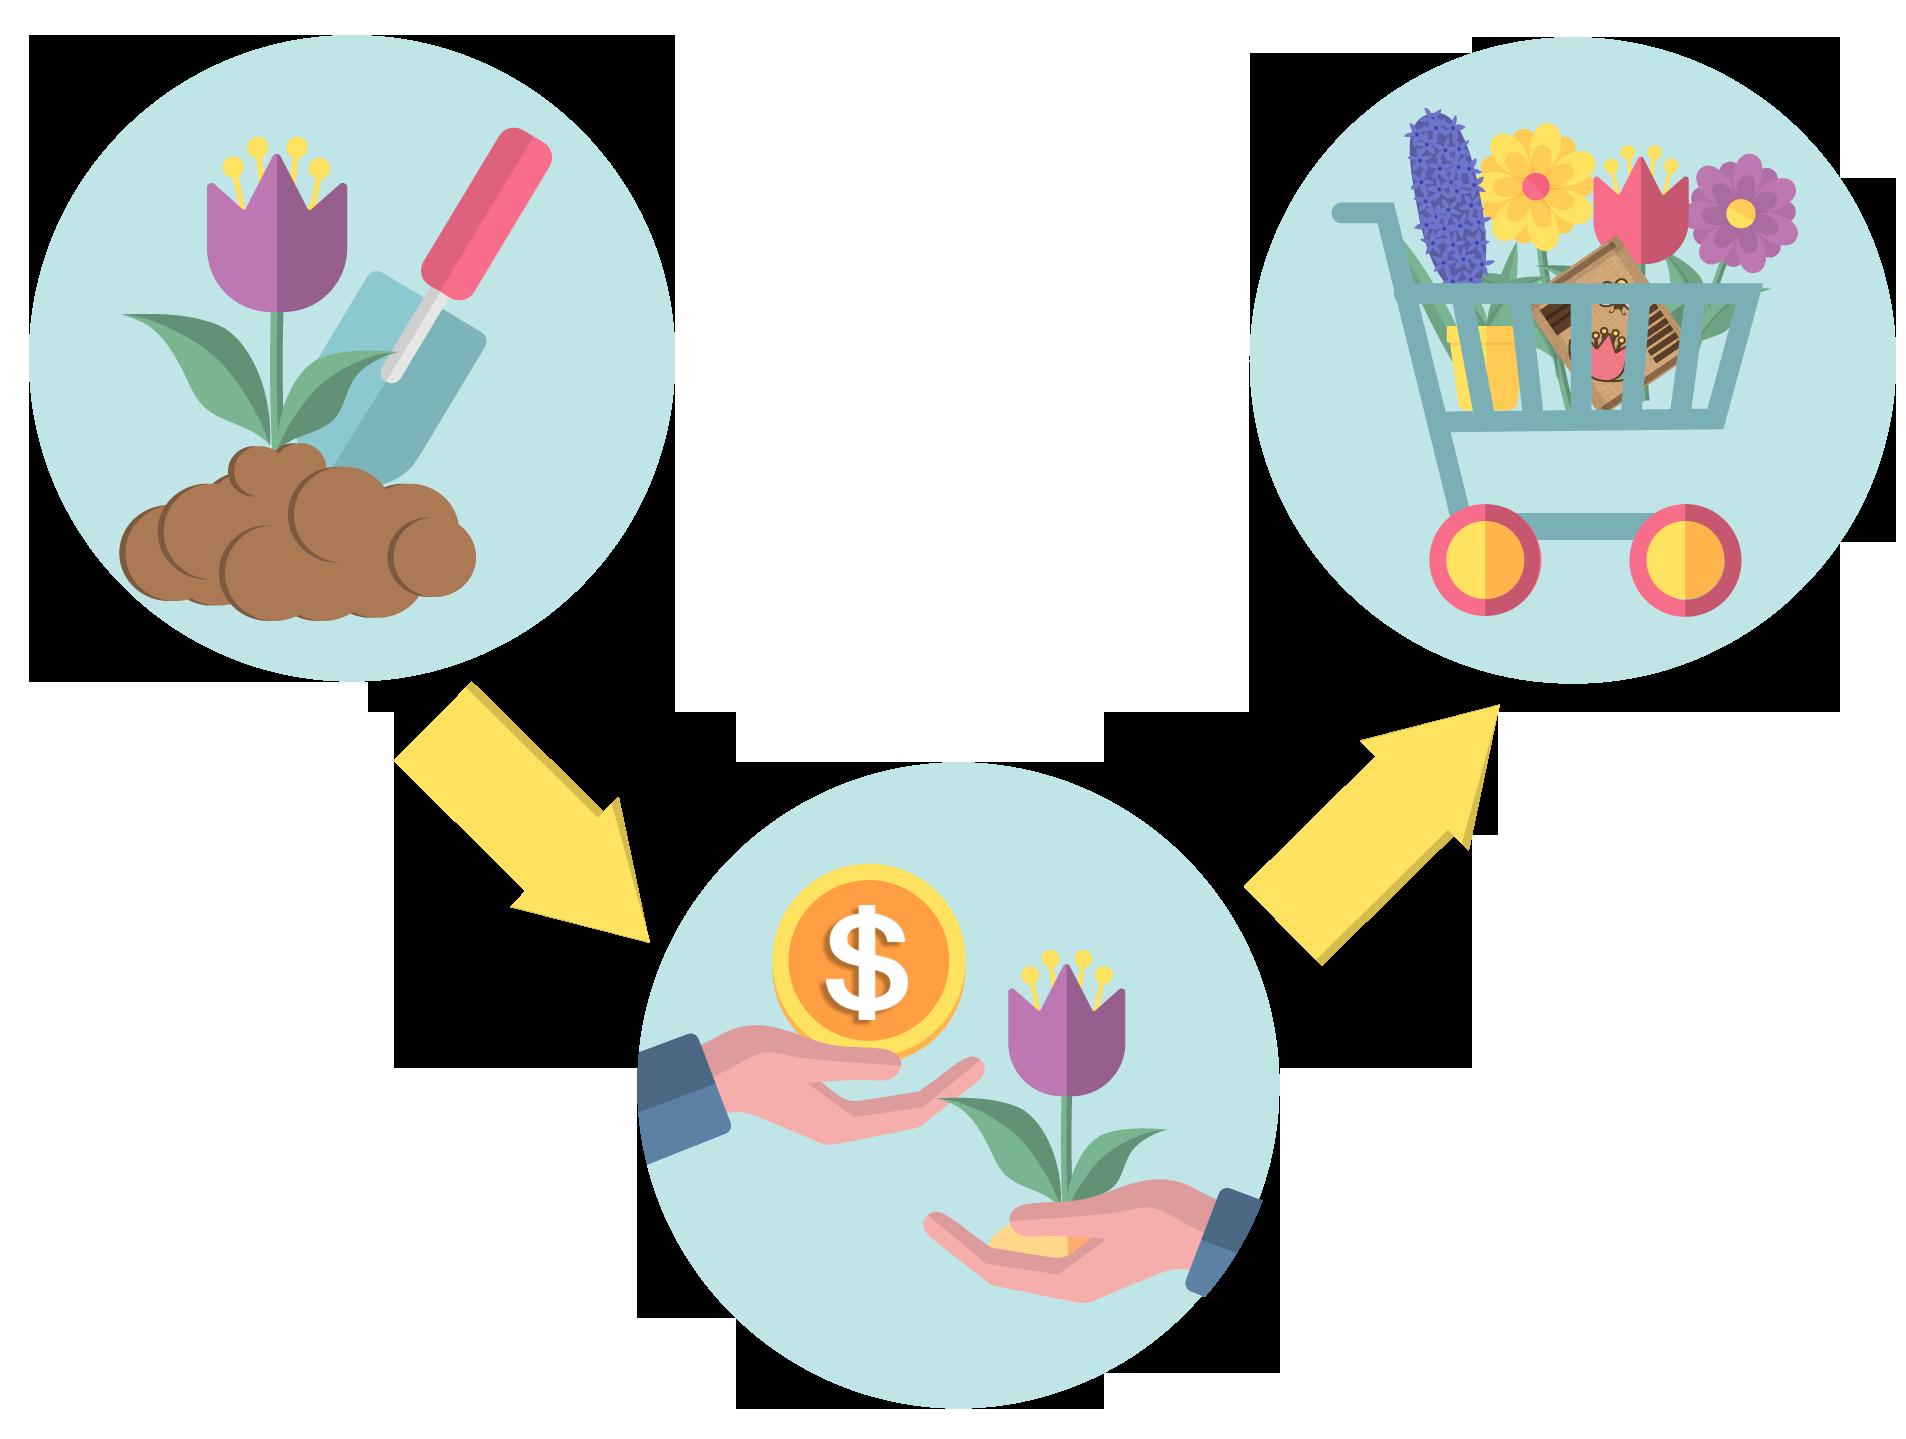 Sælg og få råd til nye planter